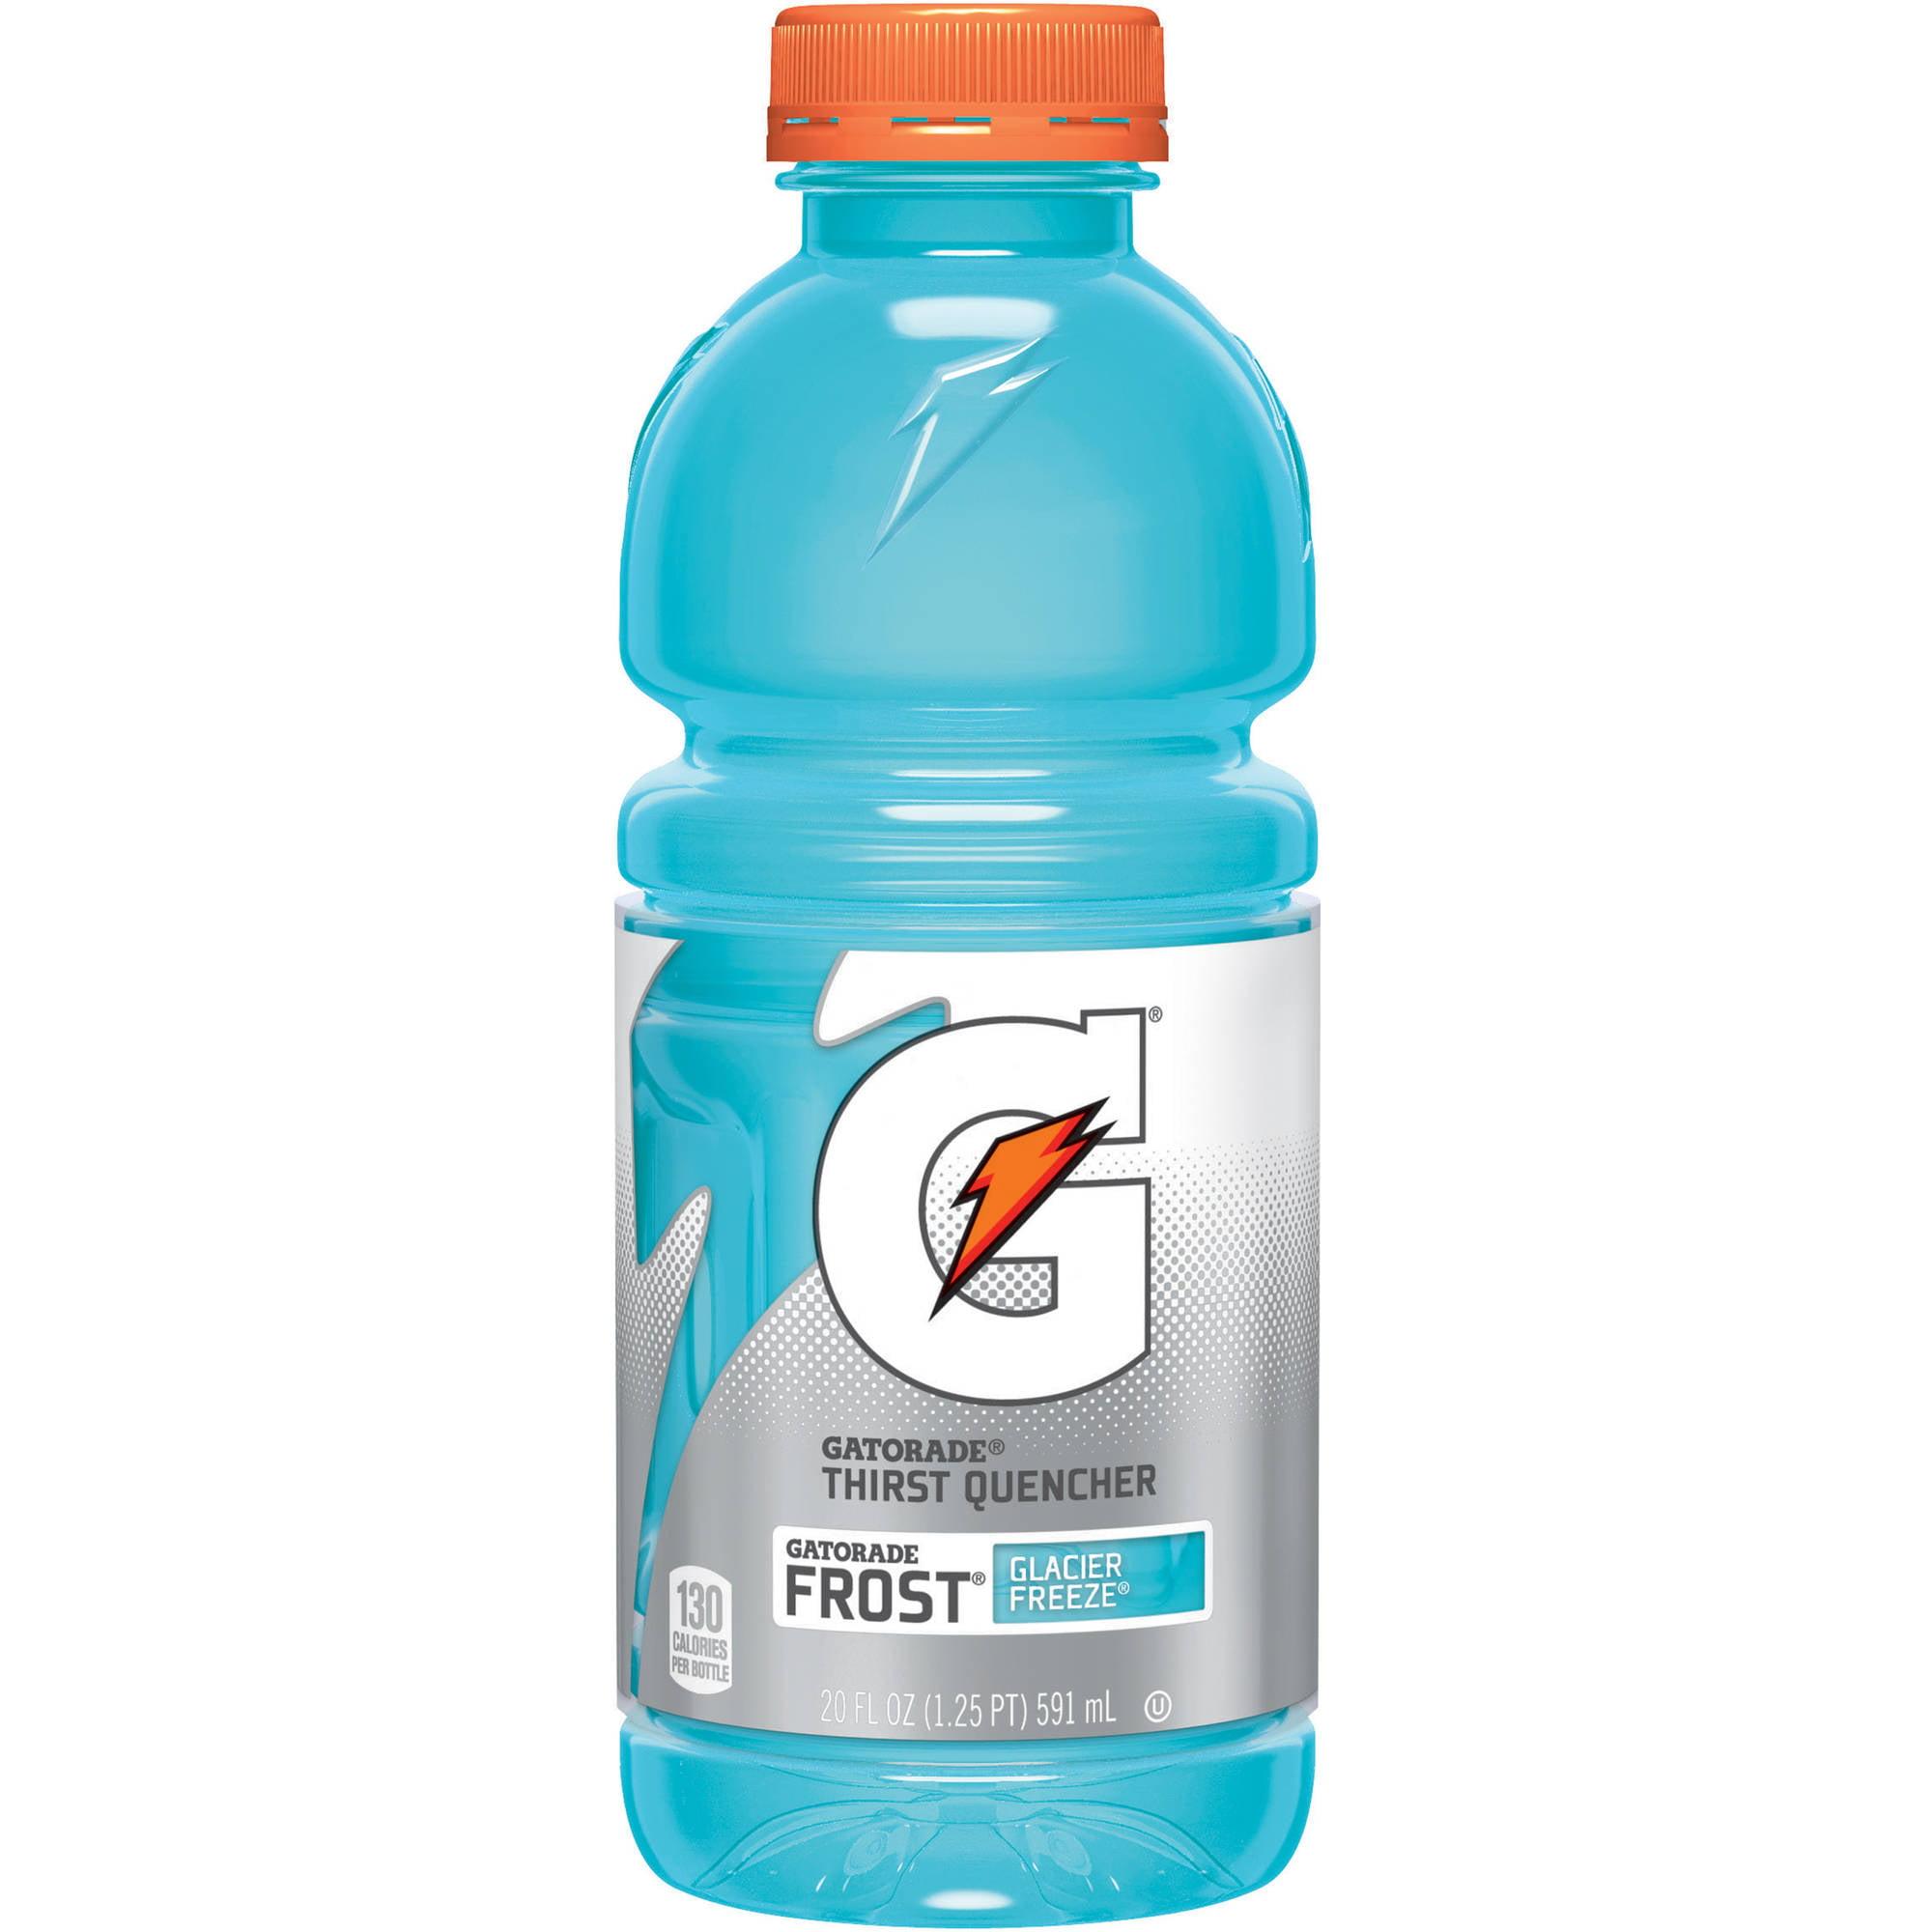 Gatorade G Frost Glacier Freeze Thirst Quencher Sports Drink, 20 fl oz bottles